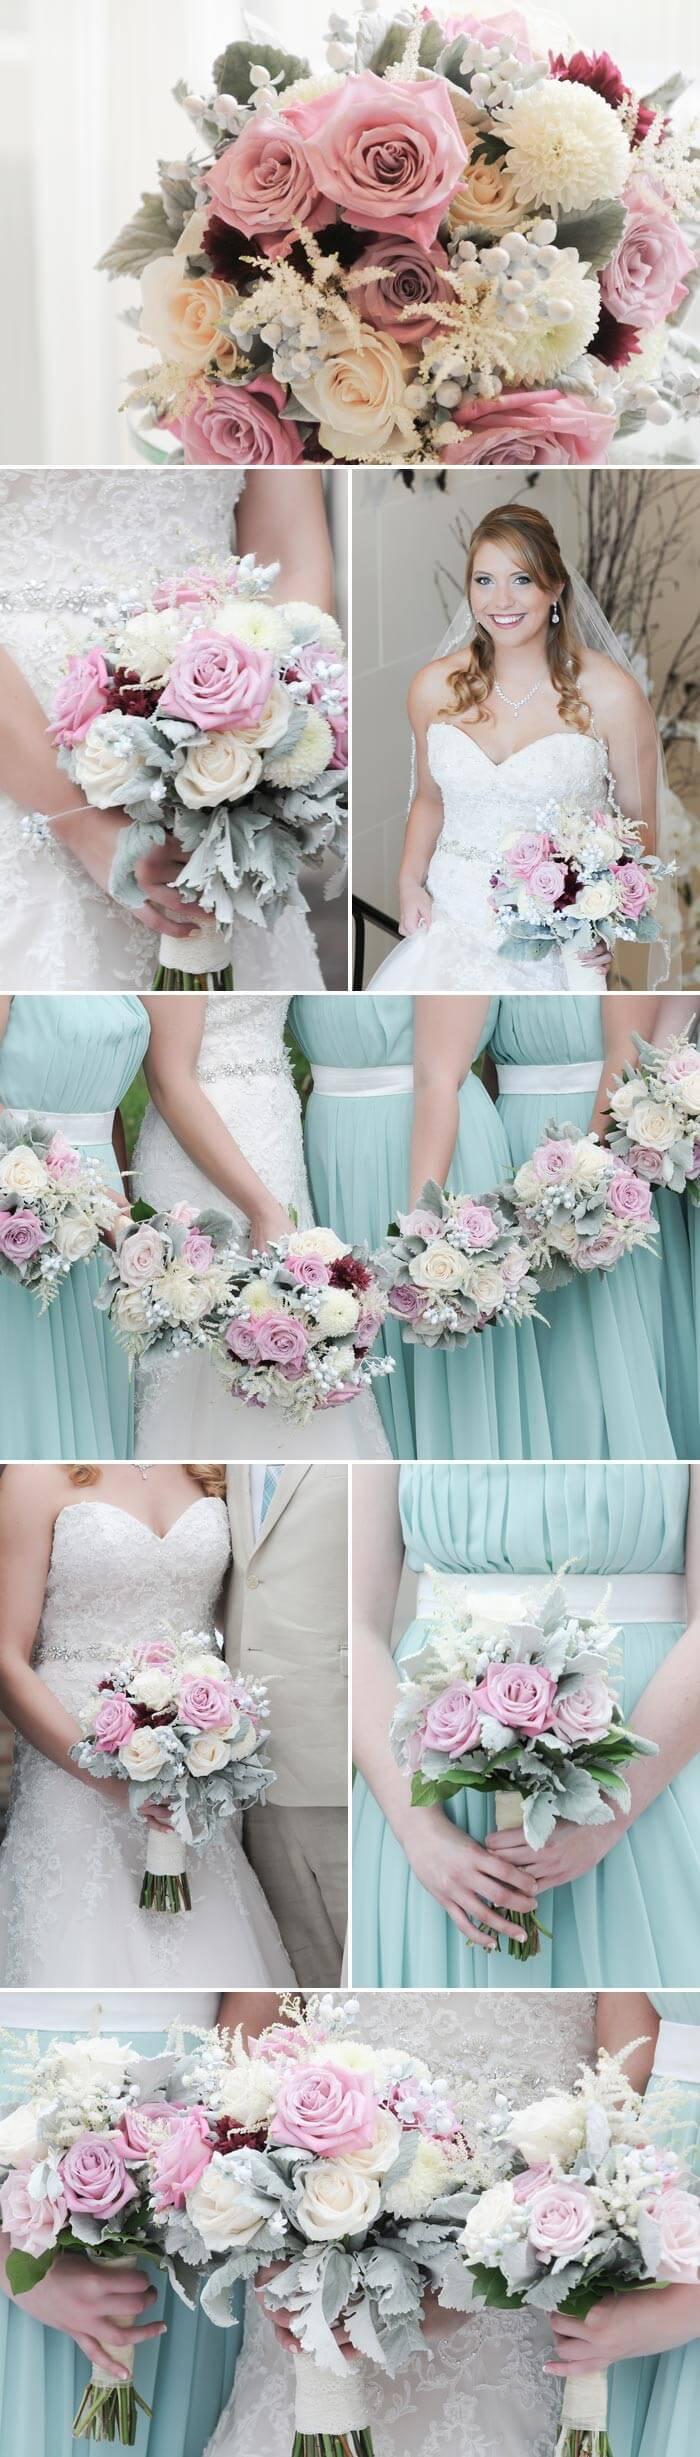 Beispiele Brautstrauss Bildergalerie Hochzeitsportal24 13